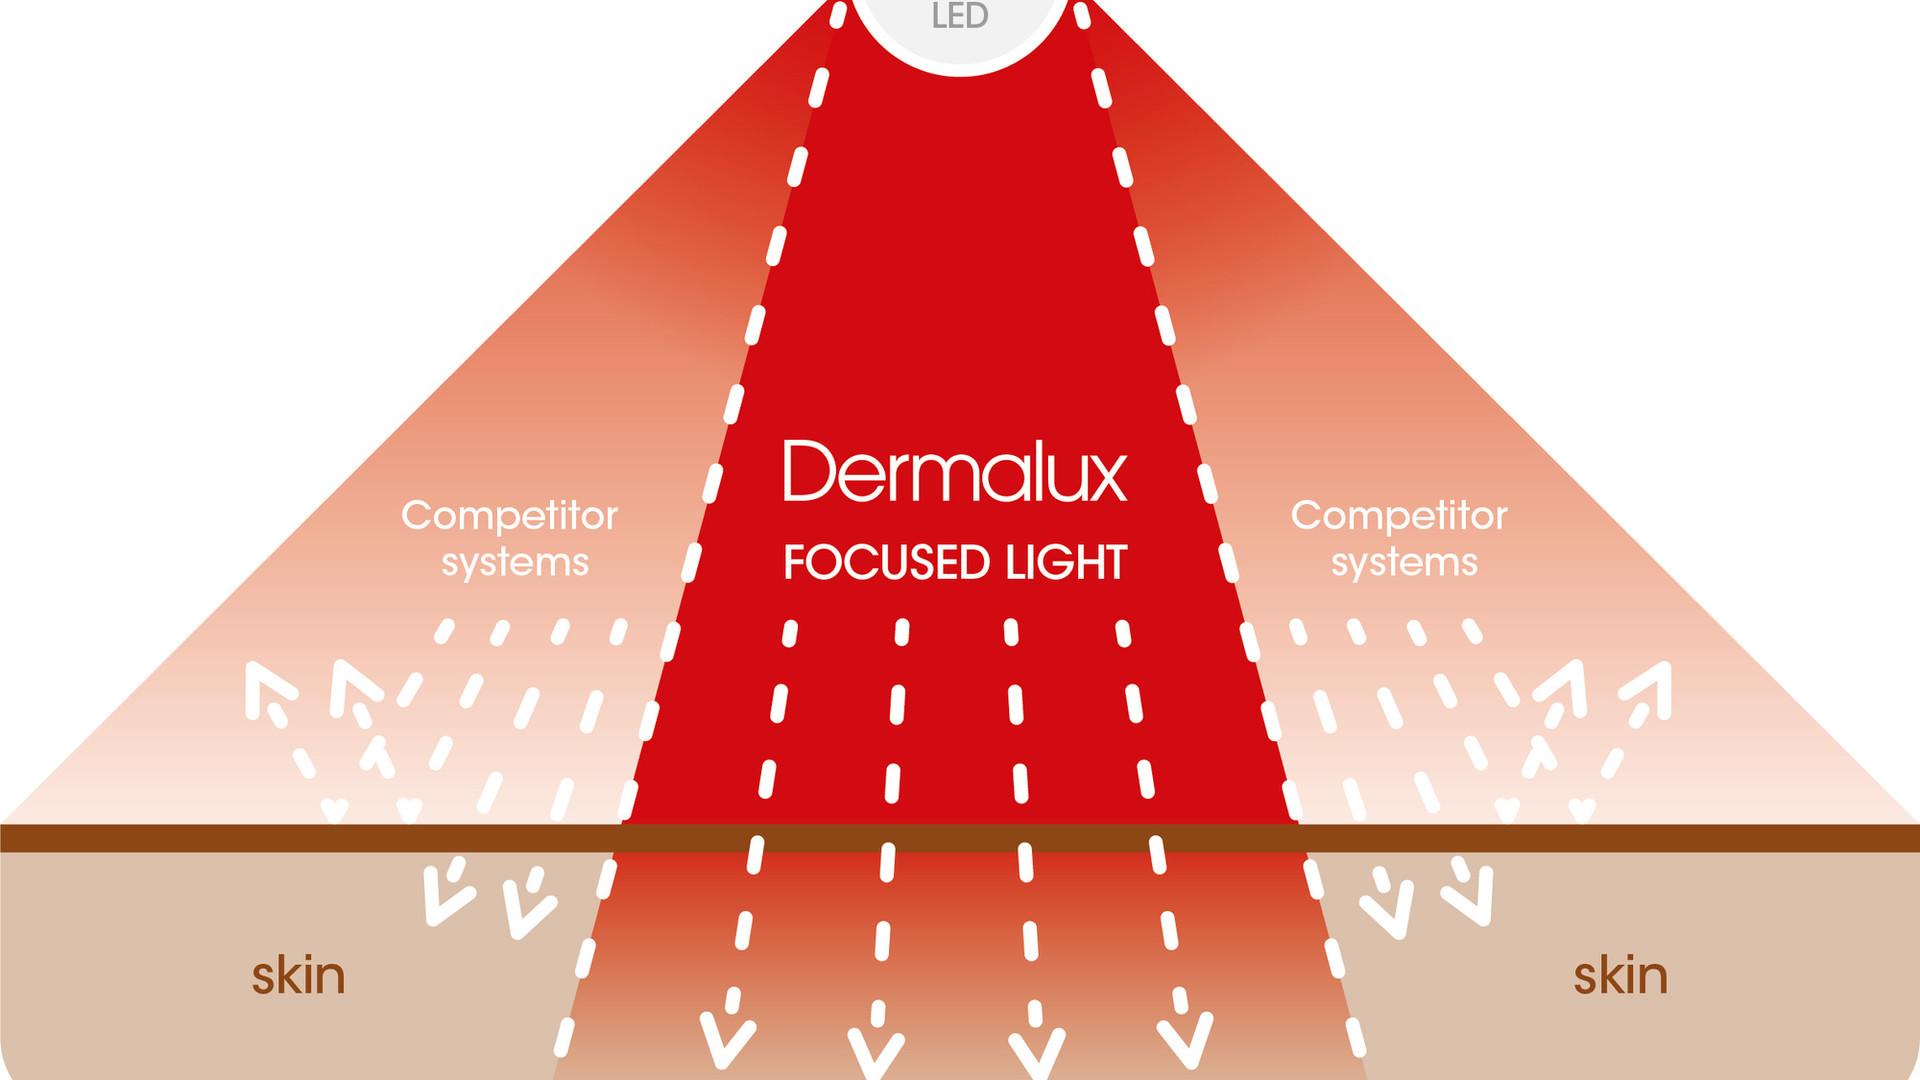 DERMALUX-New Focused Light Diagram-200x1